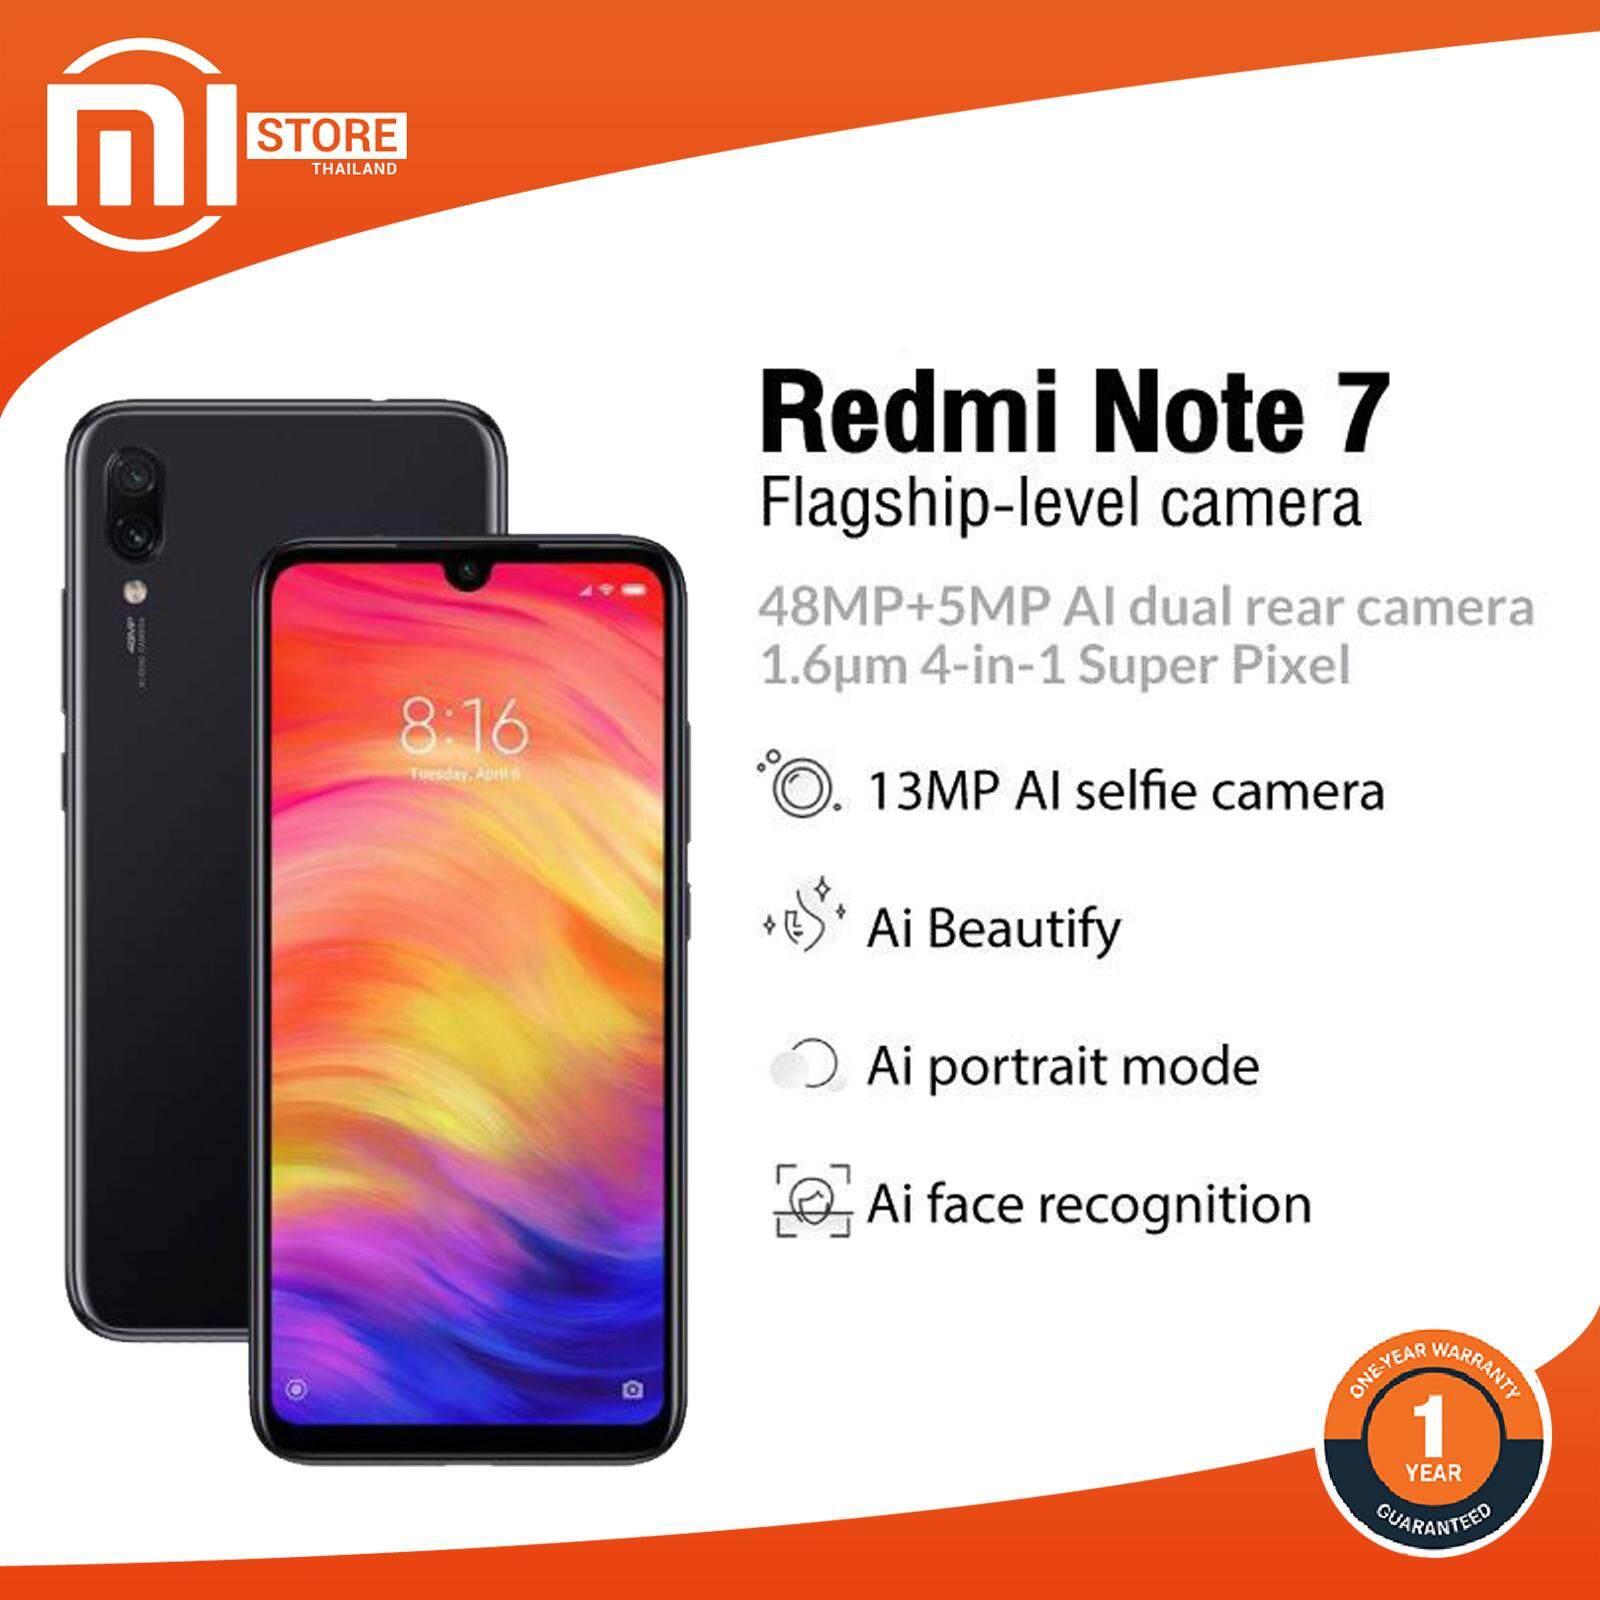 มุกดาหาร Mi Store-Xiaomi Redmi Note 7 (4GB/128GB) เซี่ยวมี่ เรดมี่ โน็ต 7 (4GB/128GB)